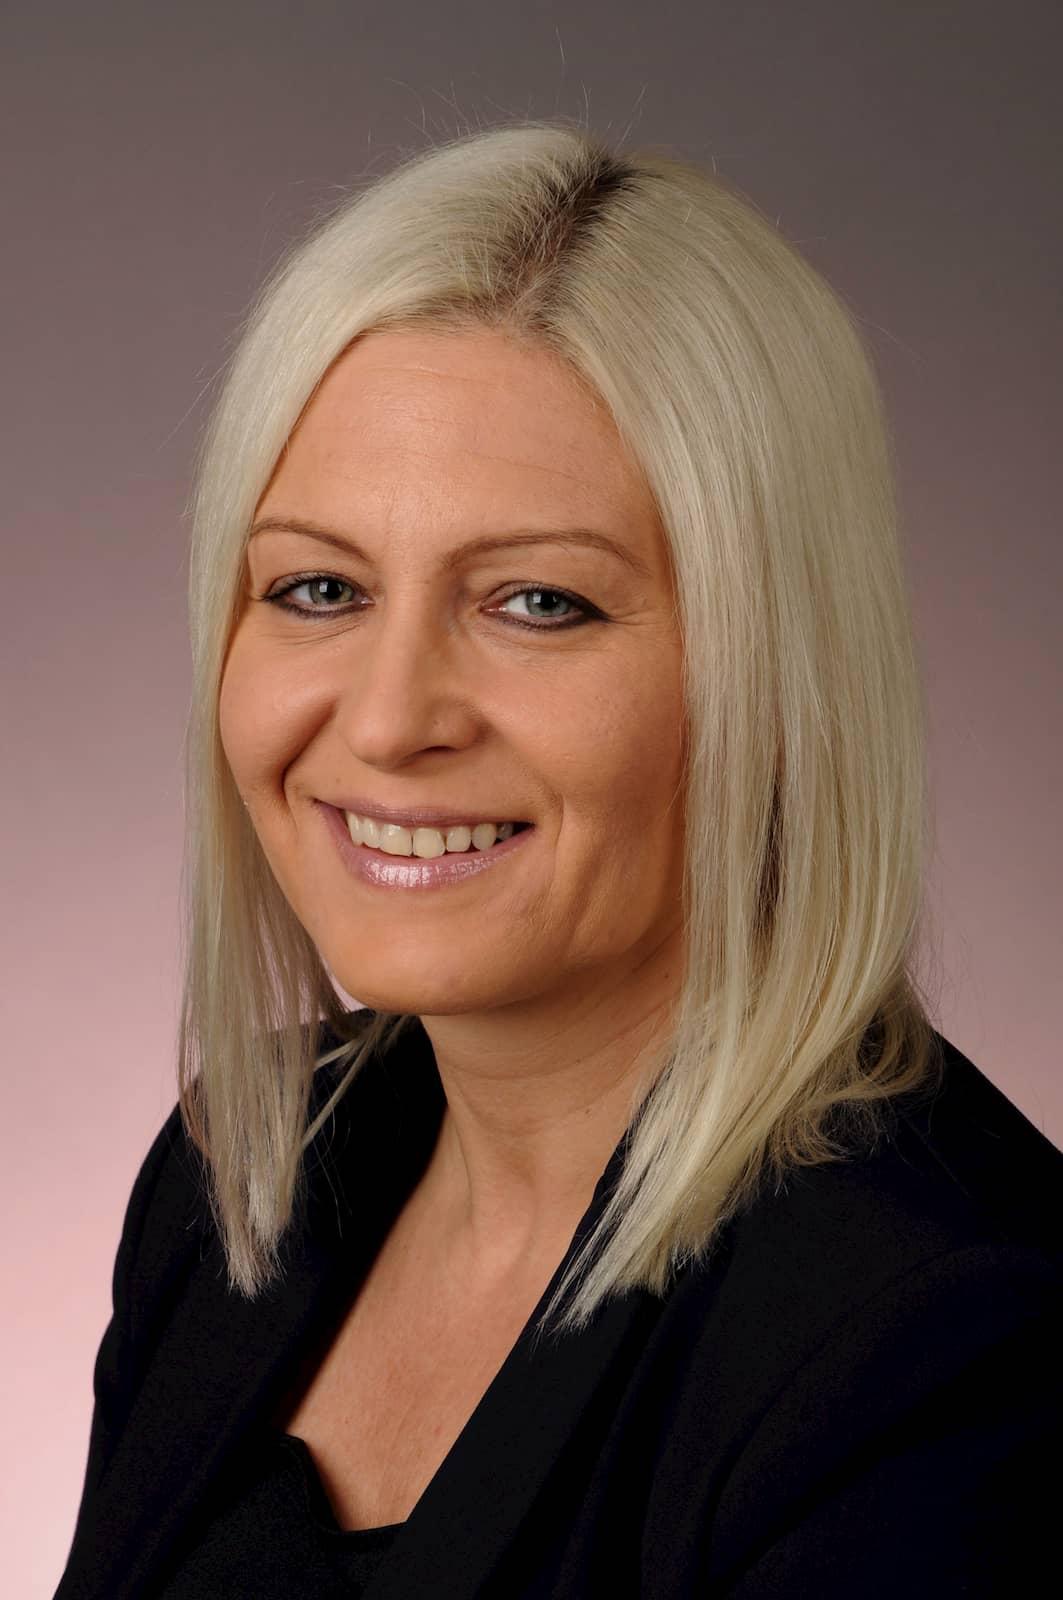 Tanja Denzer ist neuer Key Account Manager beim Brömmelhaupt-Genuss-Konzept esperto.